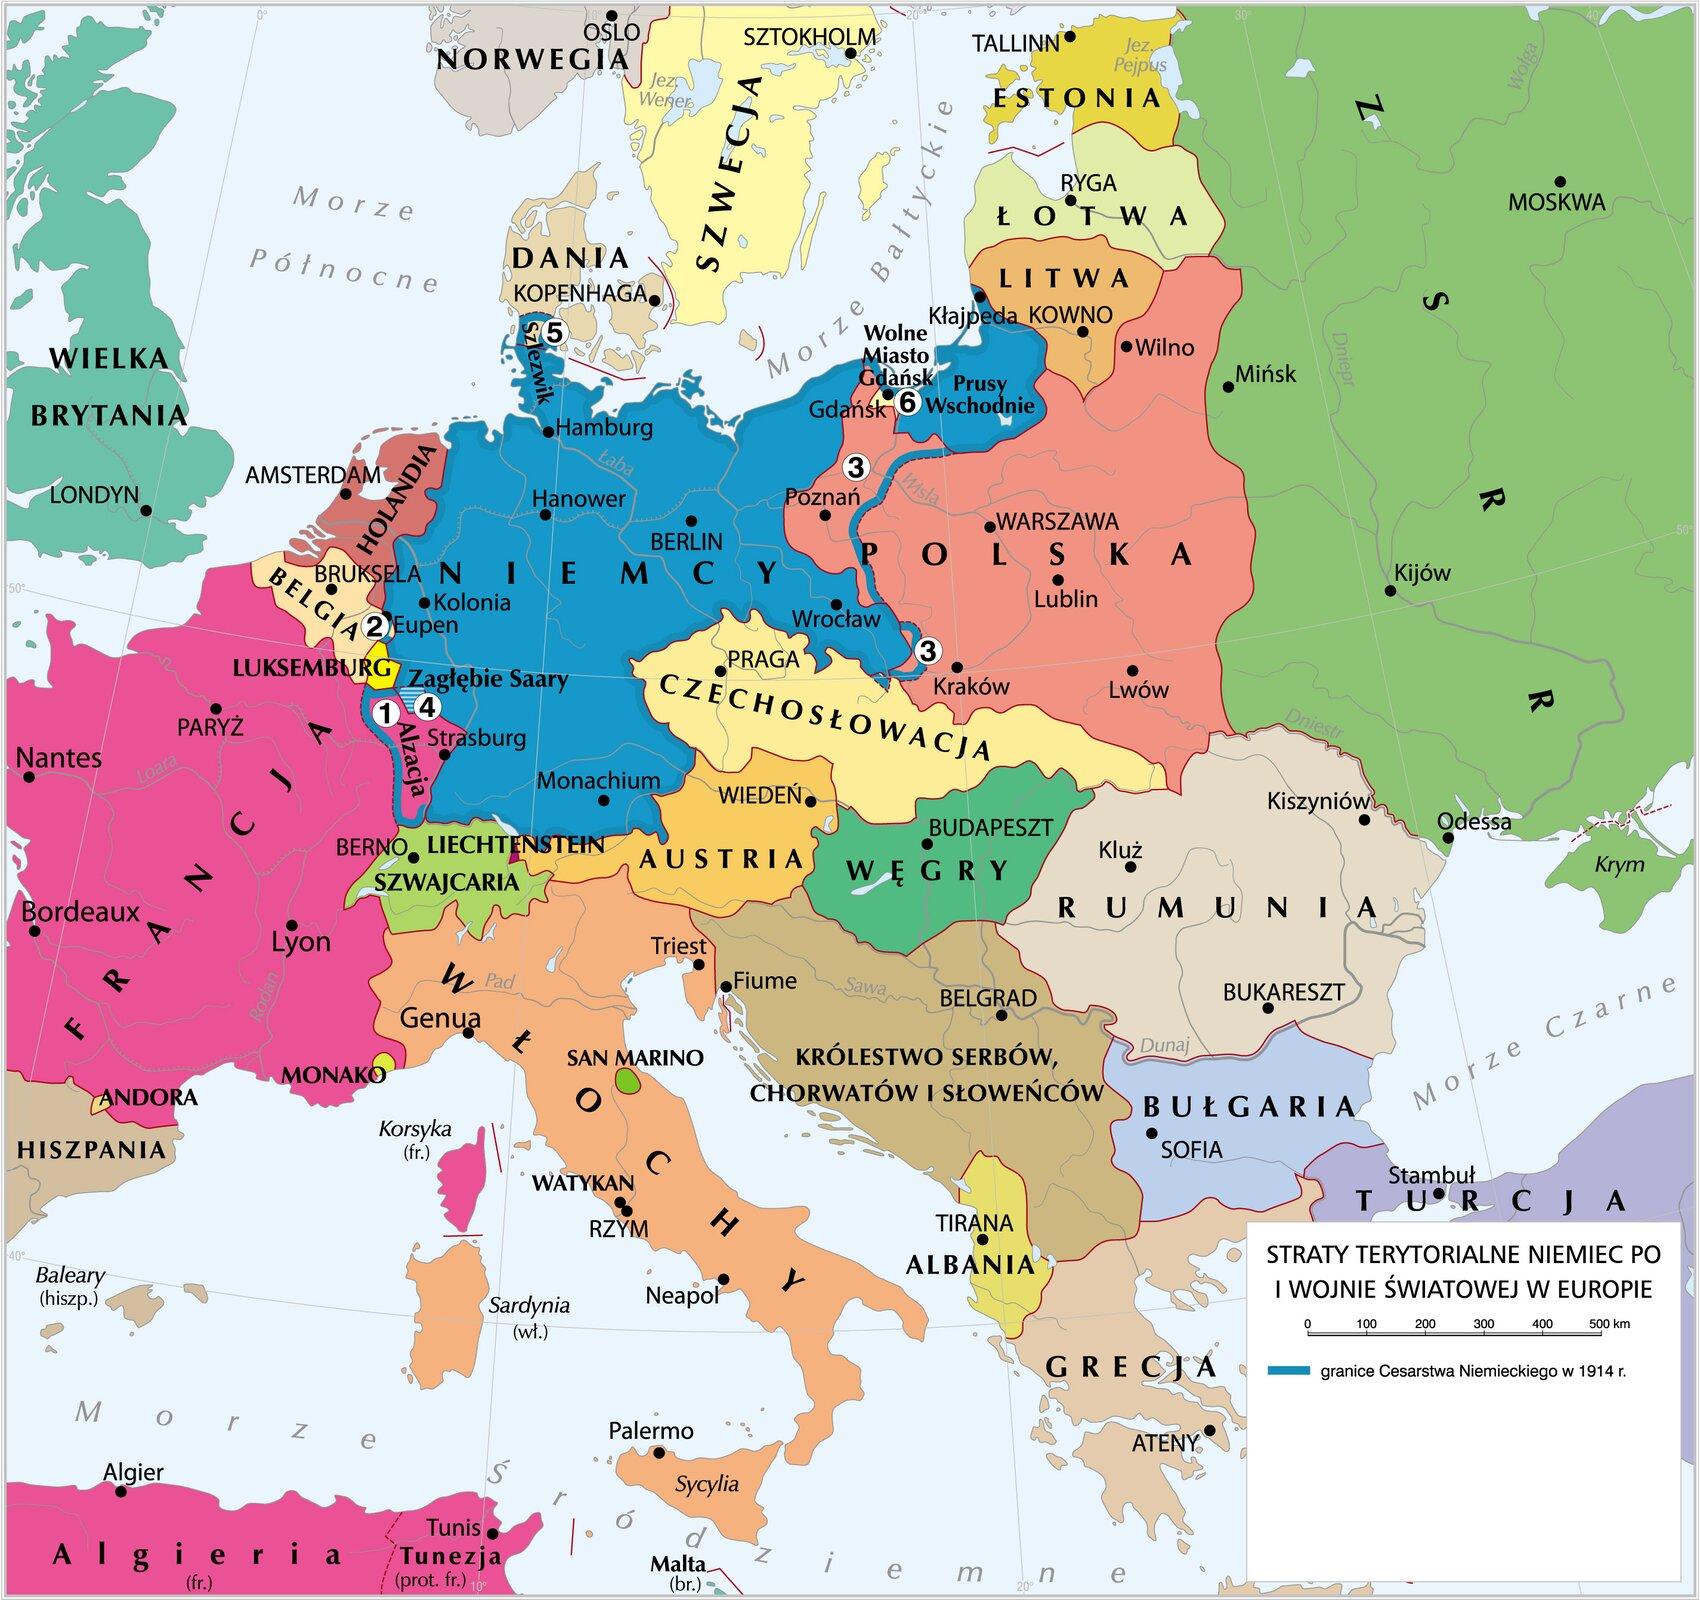 Wersja alternatywna: Korzystając zdowolnych źródeł informacji, wymień ziemie, które Niemcy straciły podczas pierwszej wojny światowej.